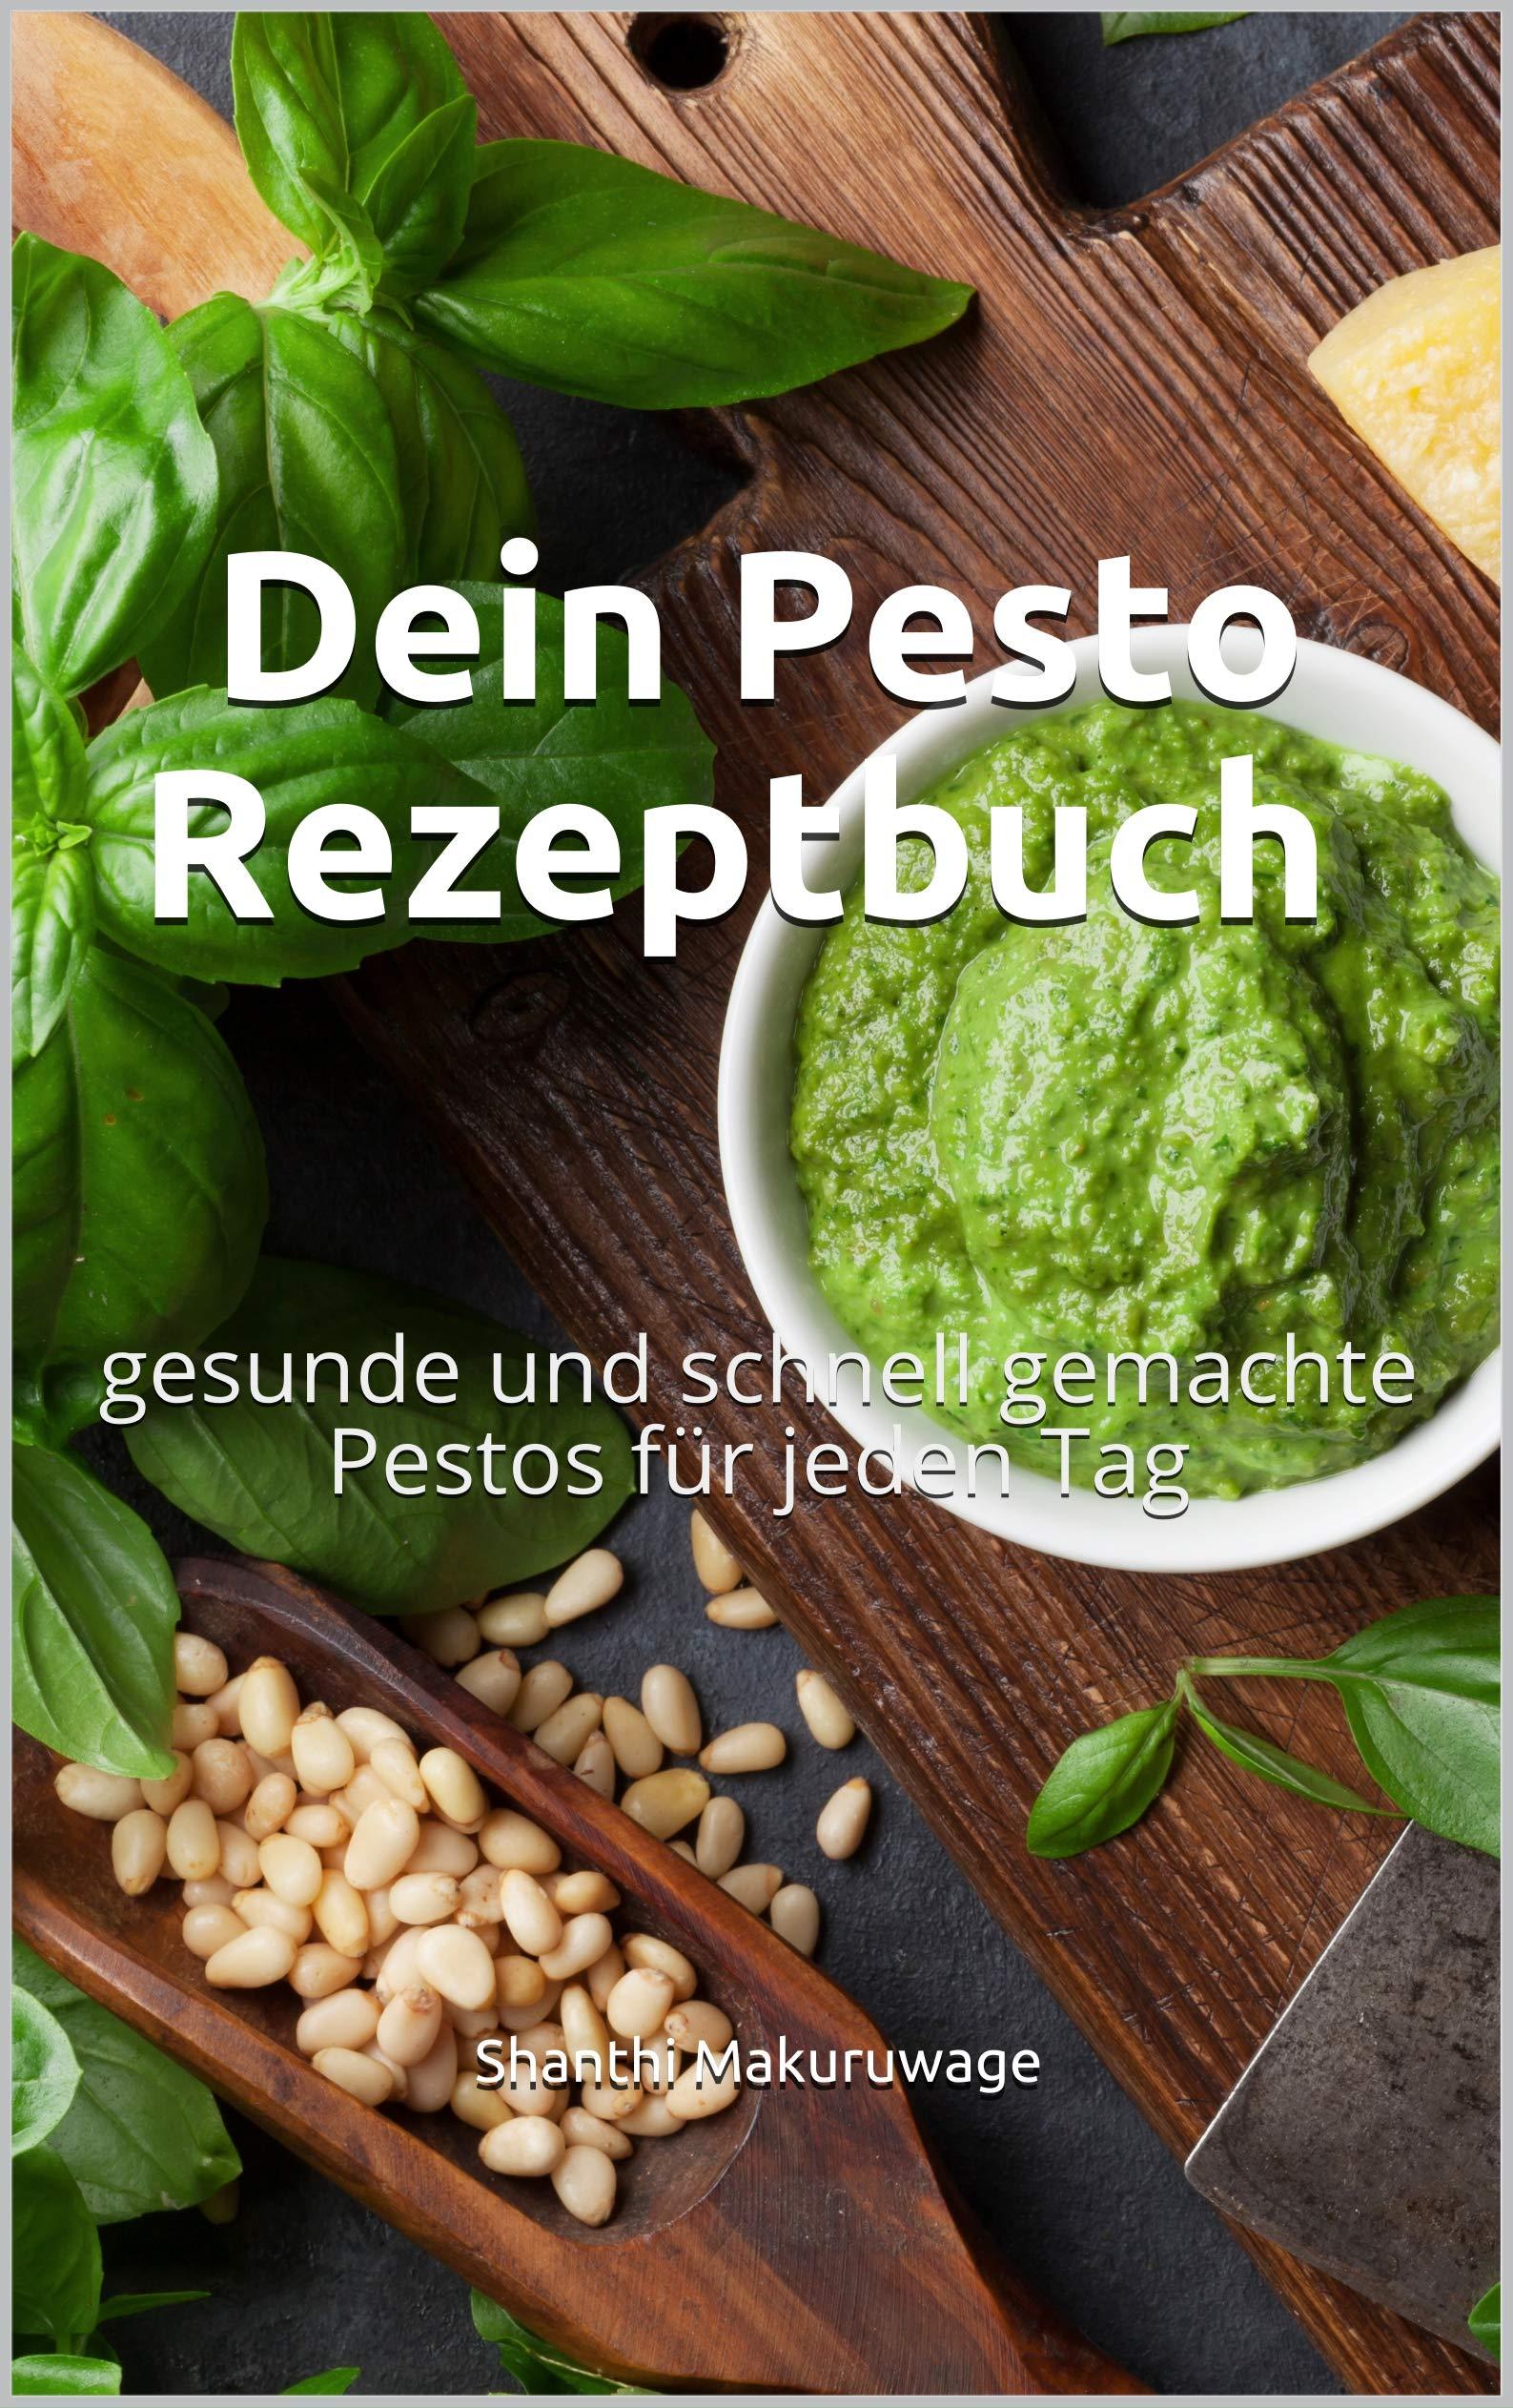 Dein Pesto Rezeptbuch  Gesunde Und Schnell Gemachte Pestos Für Jeden Tag